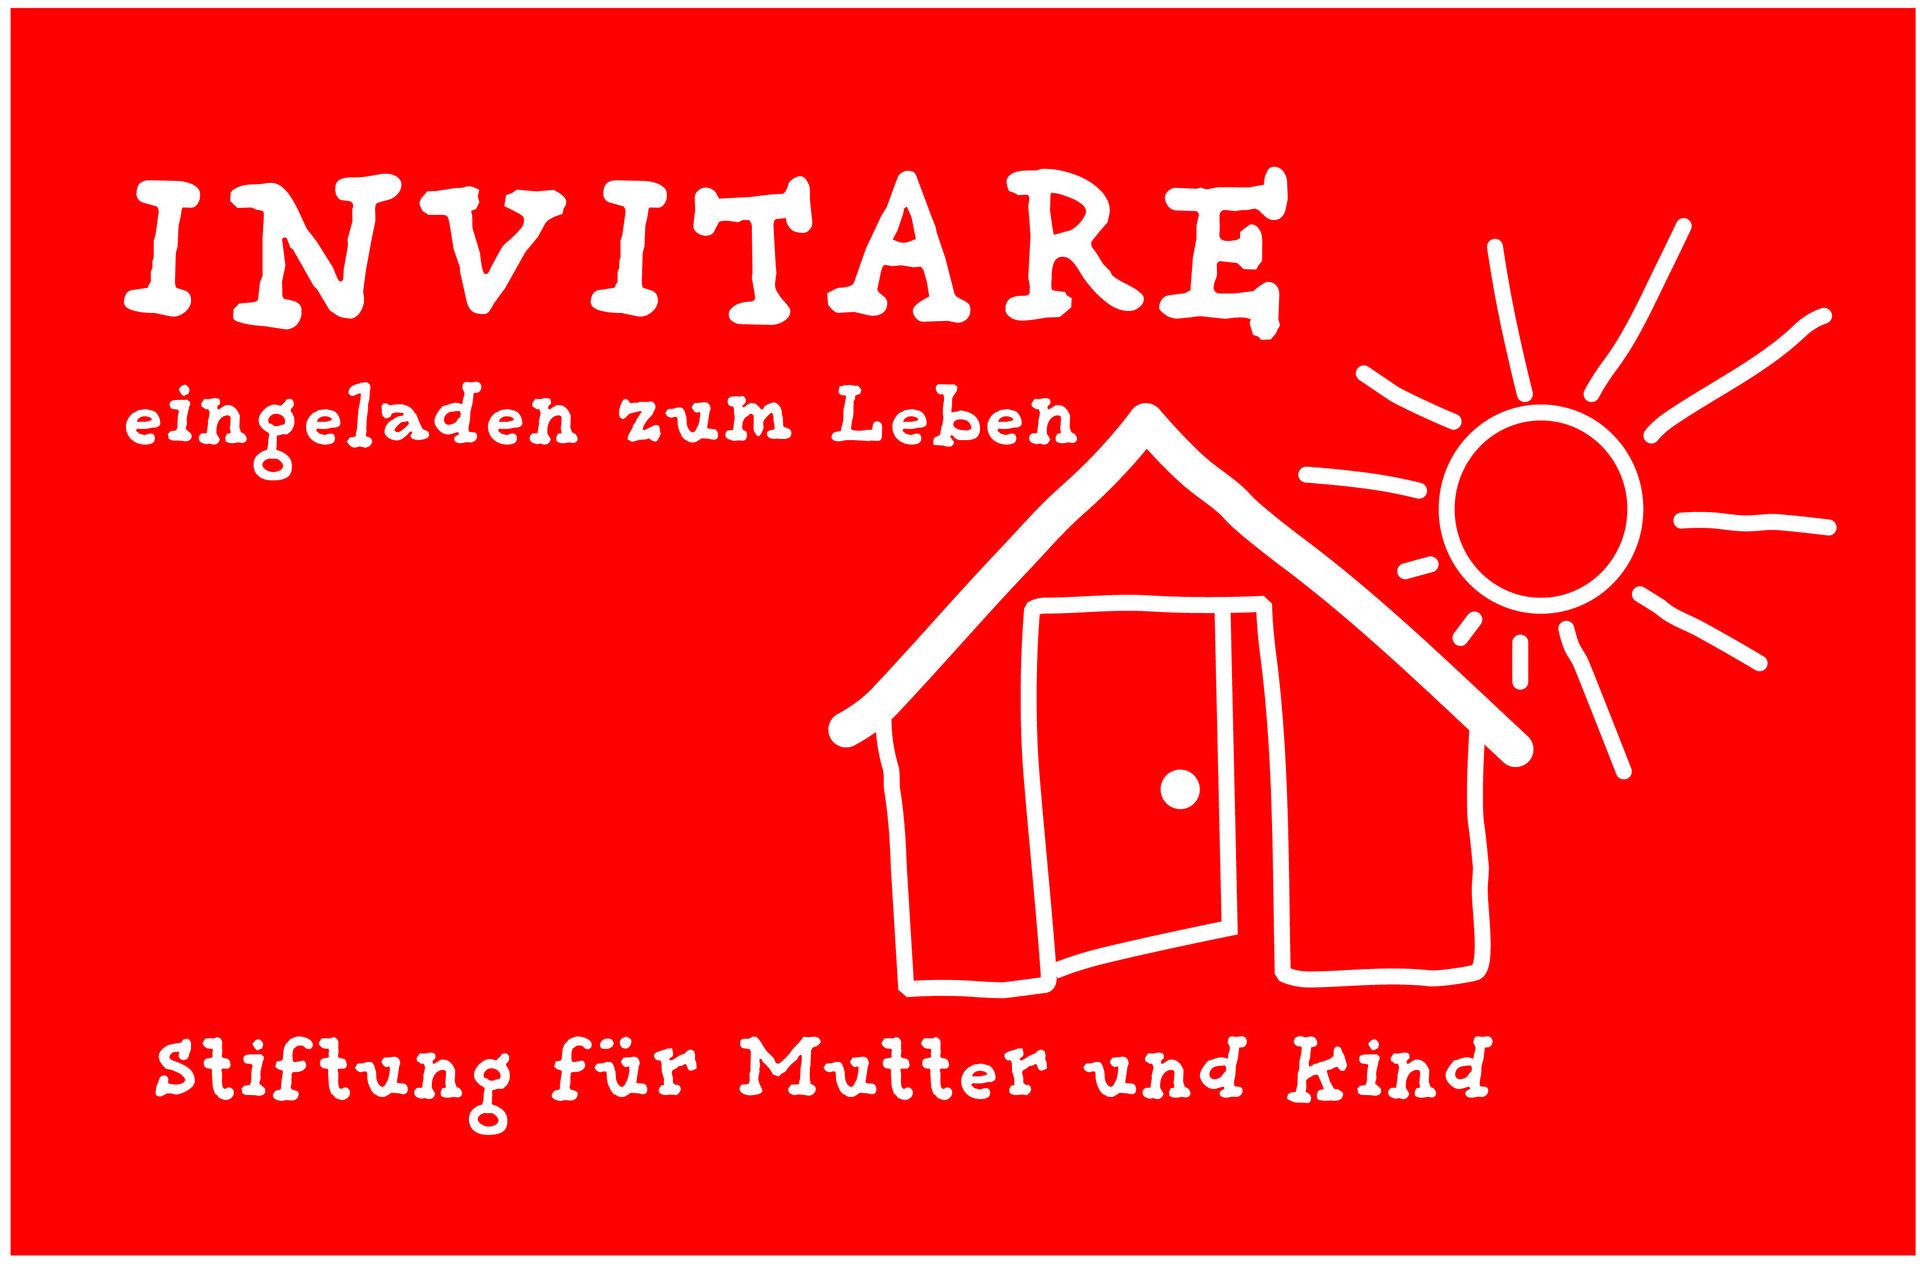 logo_invitare